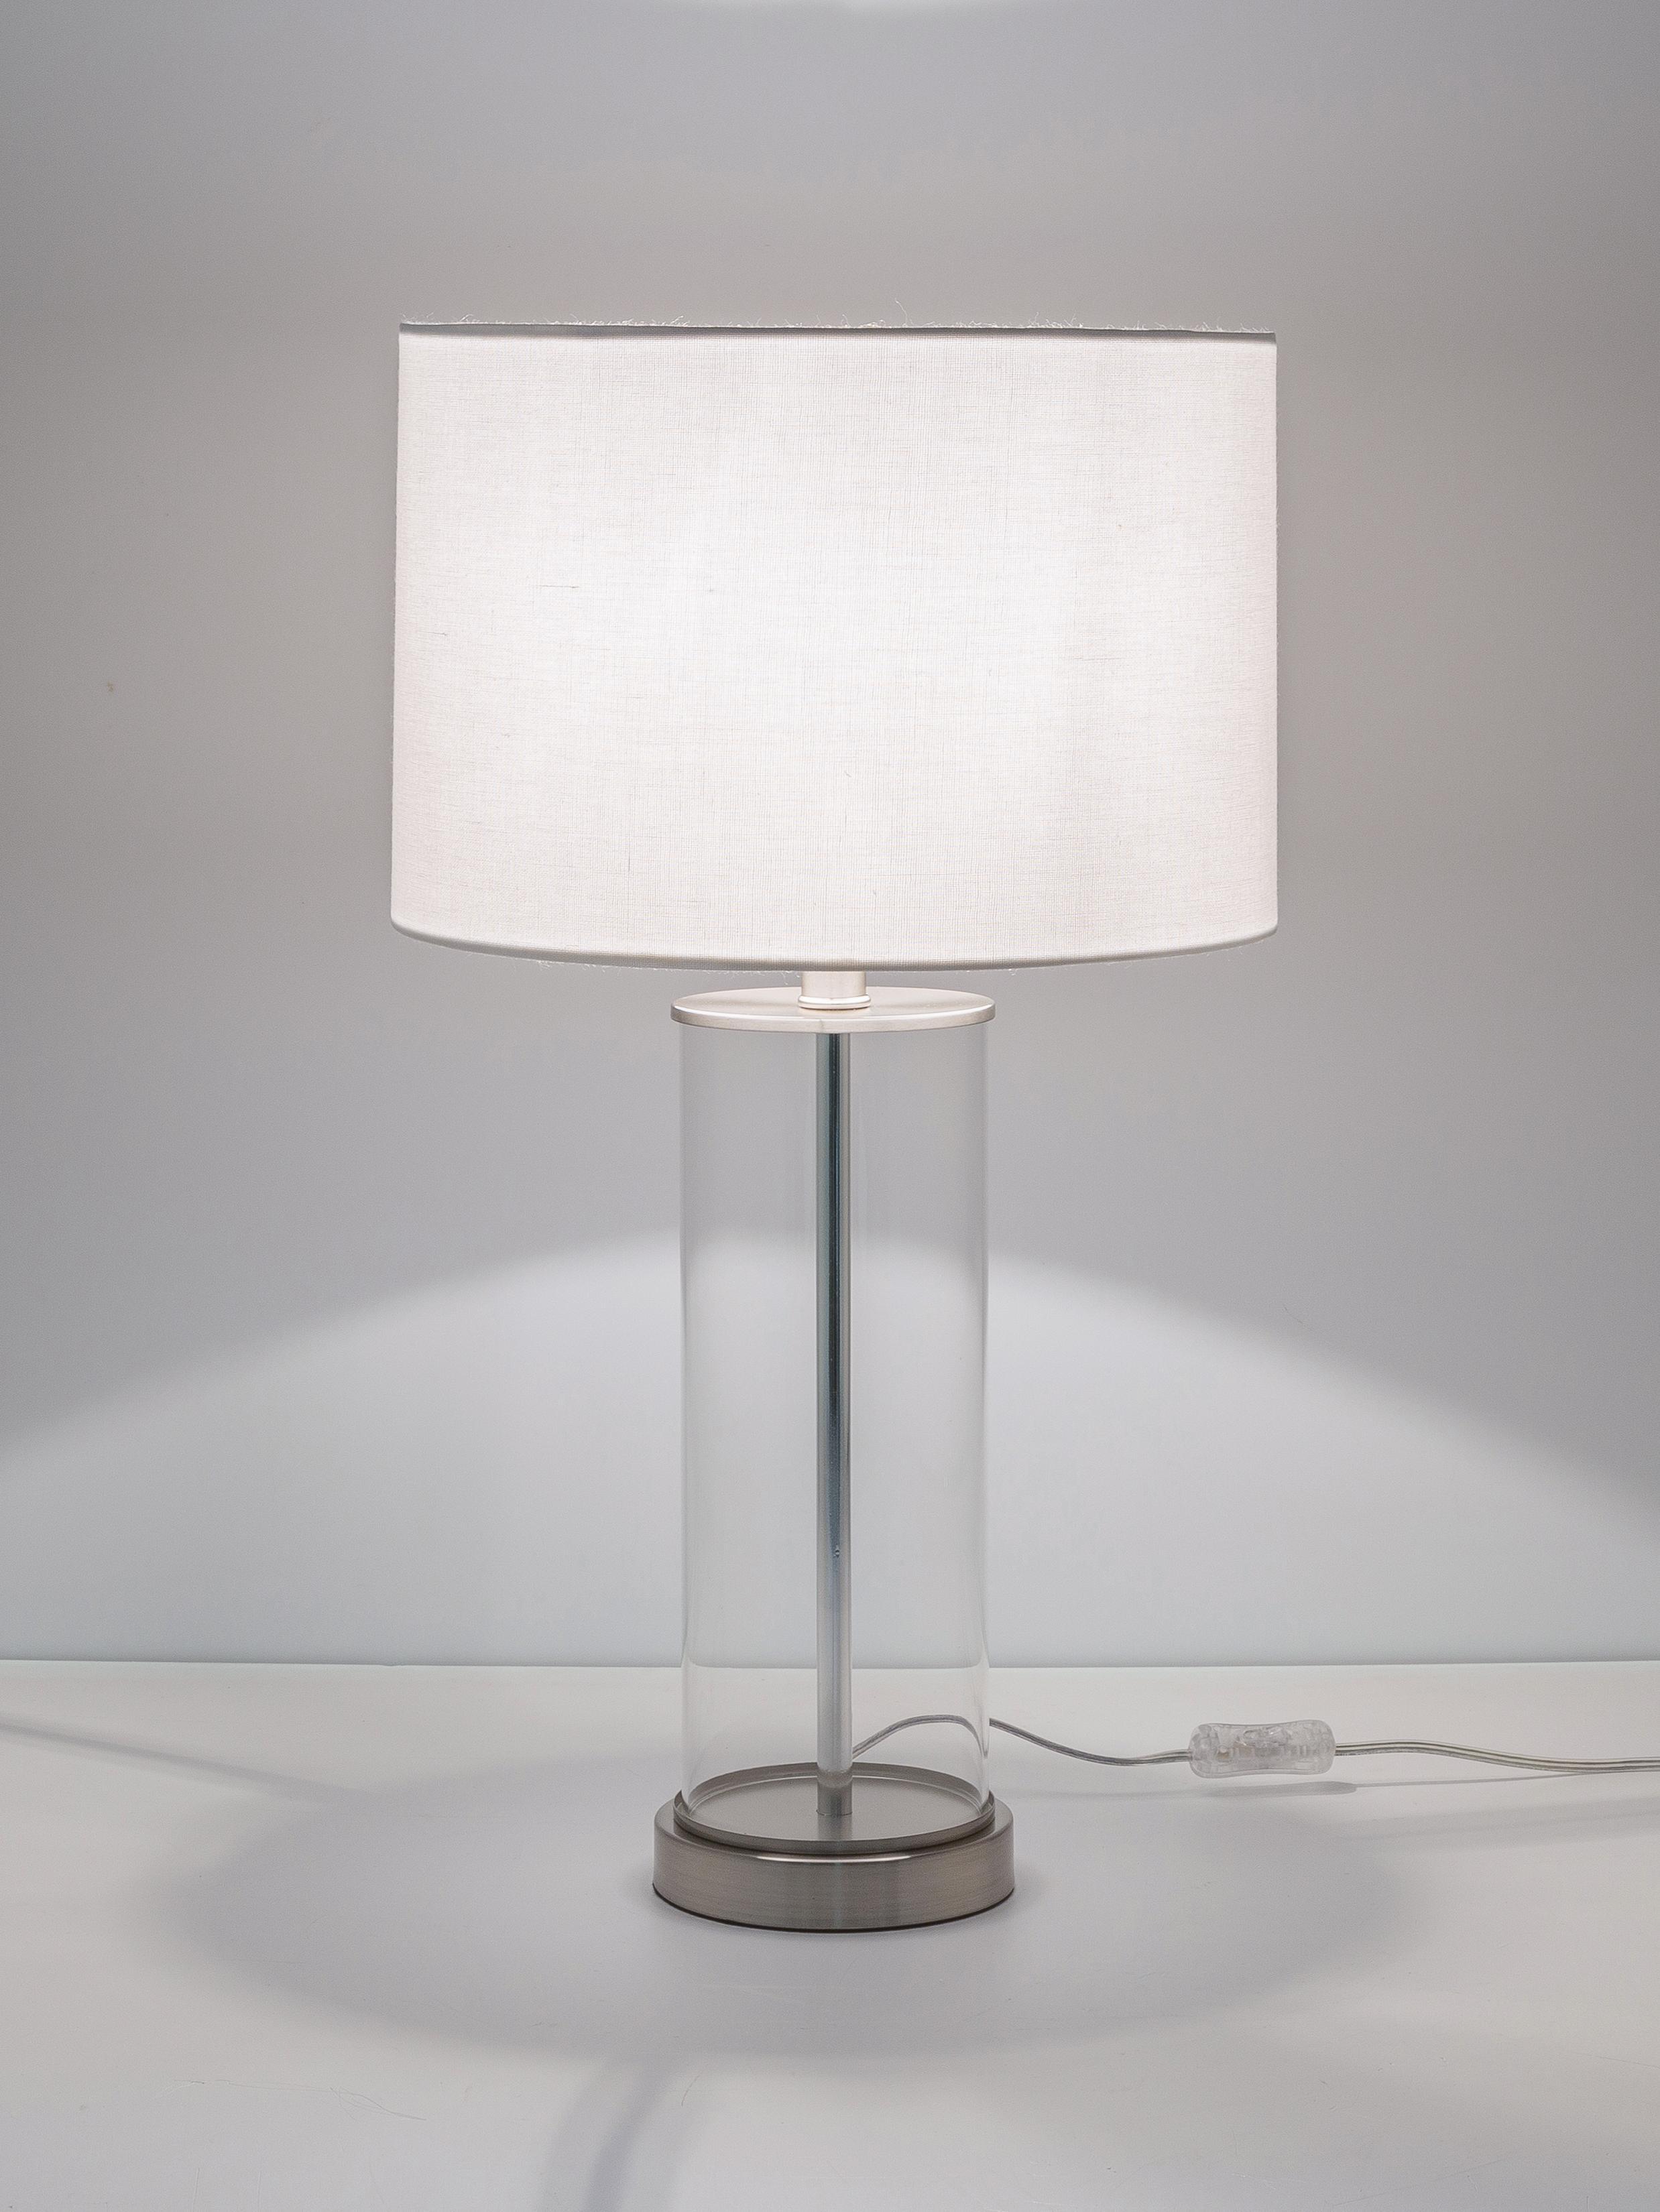 Grote tafellamp Abigail van glas en linnen, Lampenkap: linnen, Lampvoet: glas, Voetstuk: vernikkeld metaal, Nikkelkleurig, Ø 32 x H 61 cm